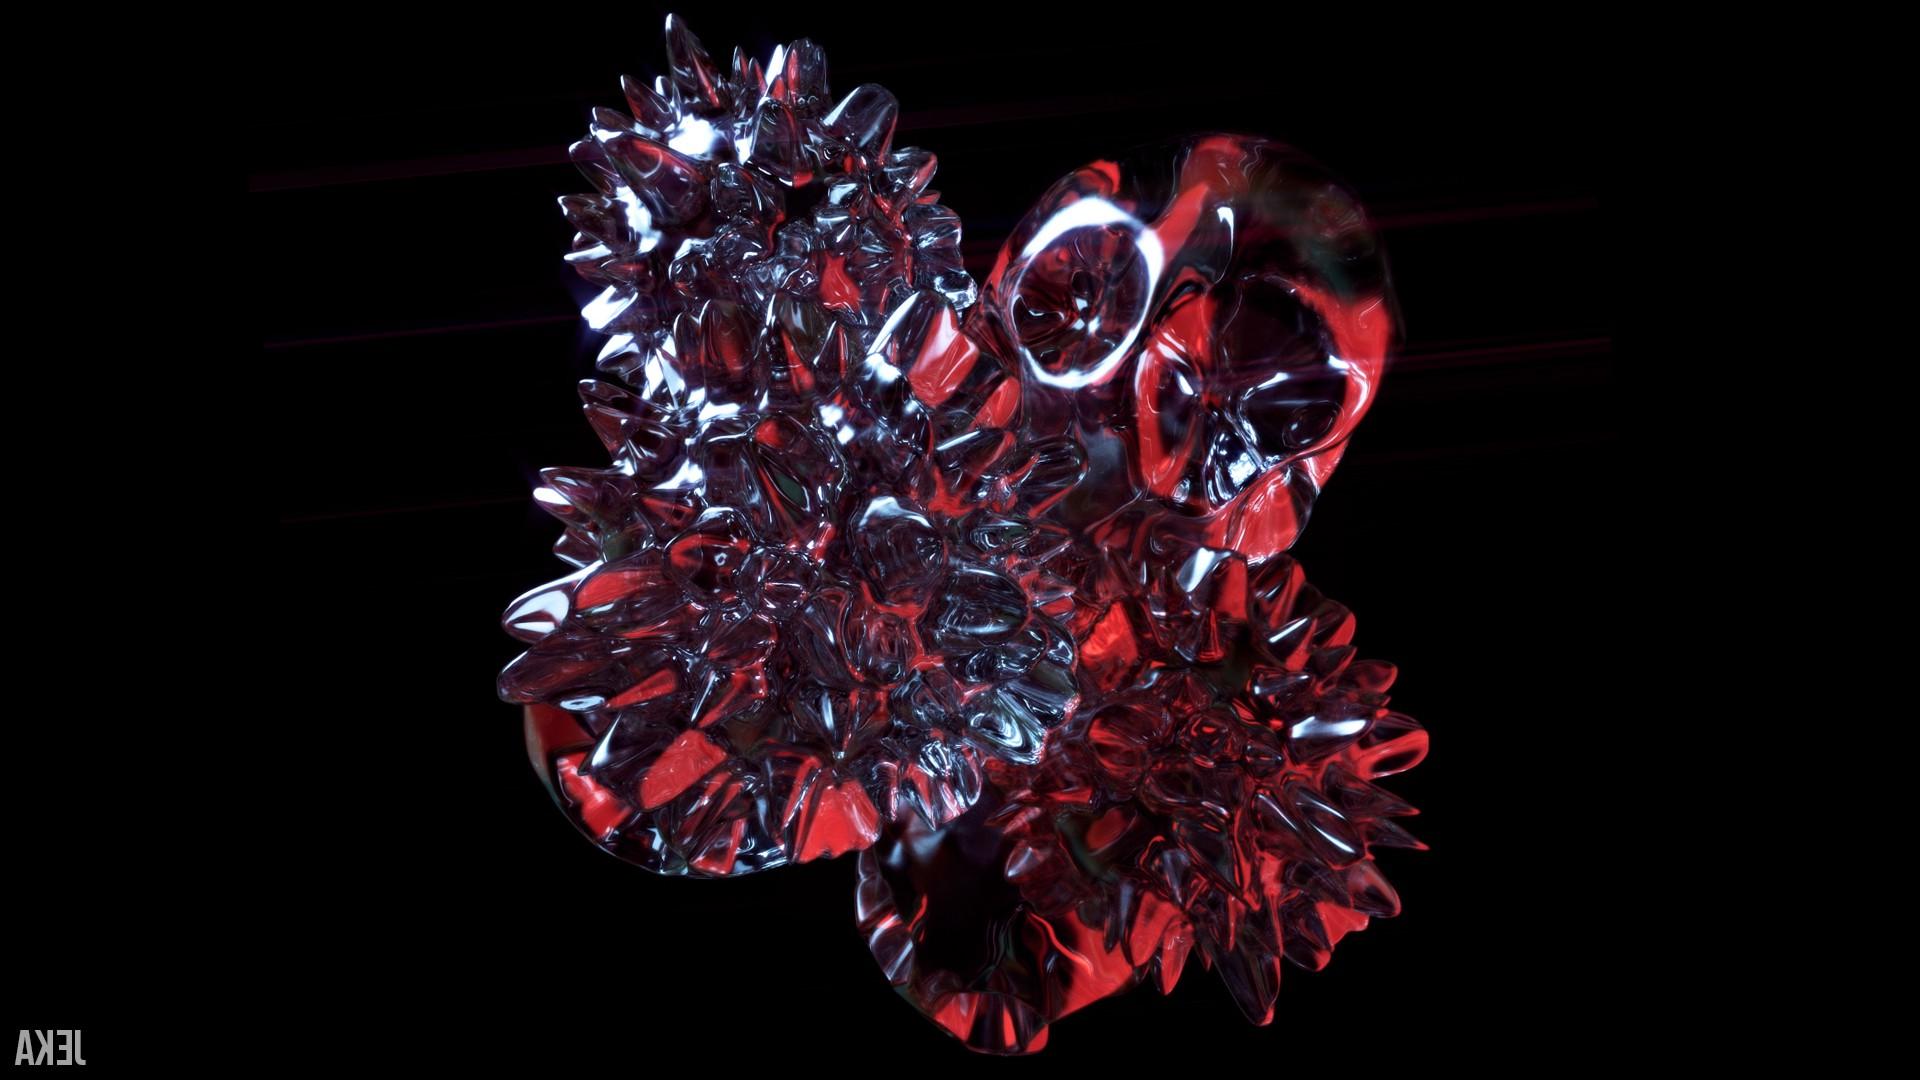 Wallpaper Abstract 3d Glass Crystal Cinema 4d Blender Darkness 1920x1080 Px Computer Wallpaper Macro Photography Organism 1920x1080 4kwallpaper 780935 Hd Wallpapers Wallhere